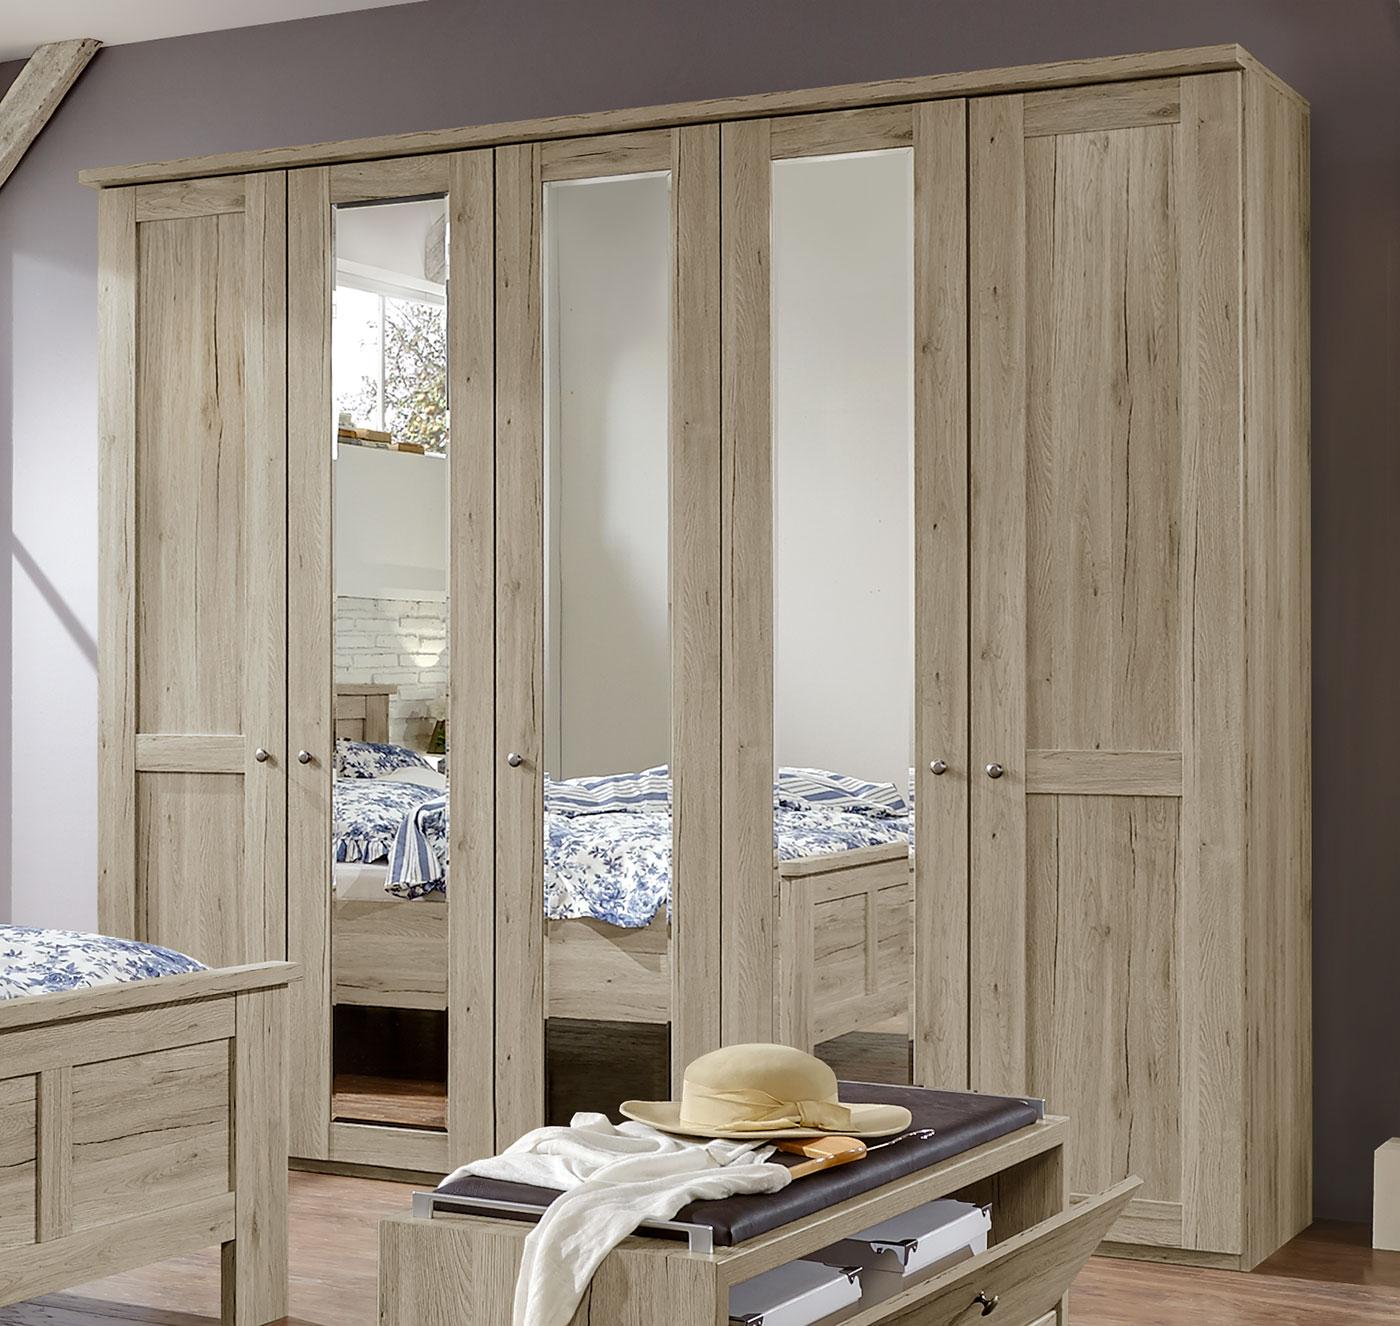 Drehtürenschrank Eiche-Dekor im Landhausstil mit Spiegeln - Catio